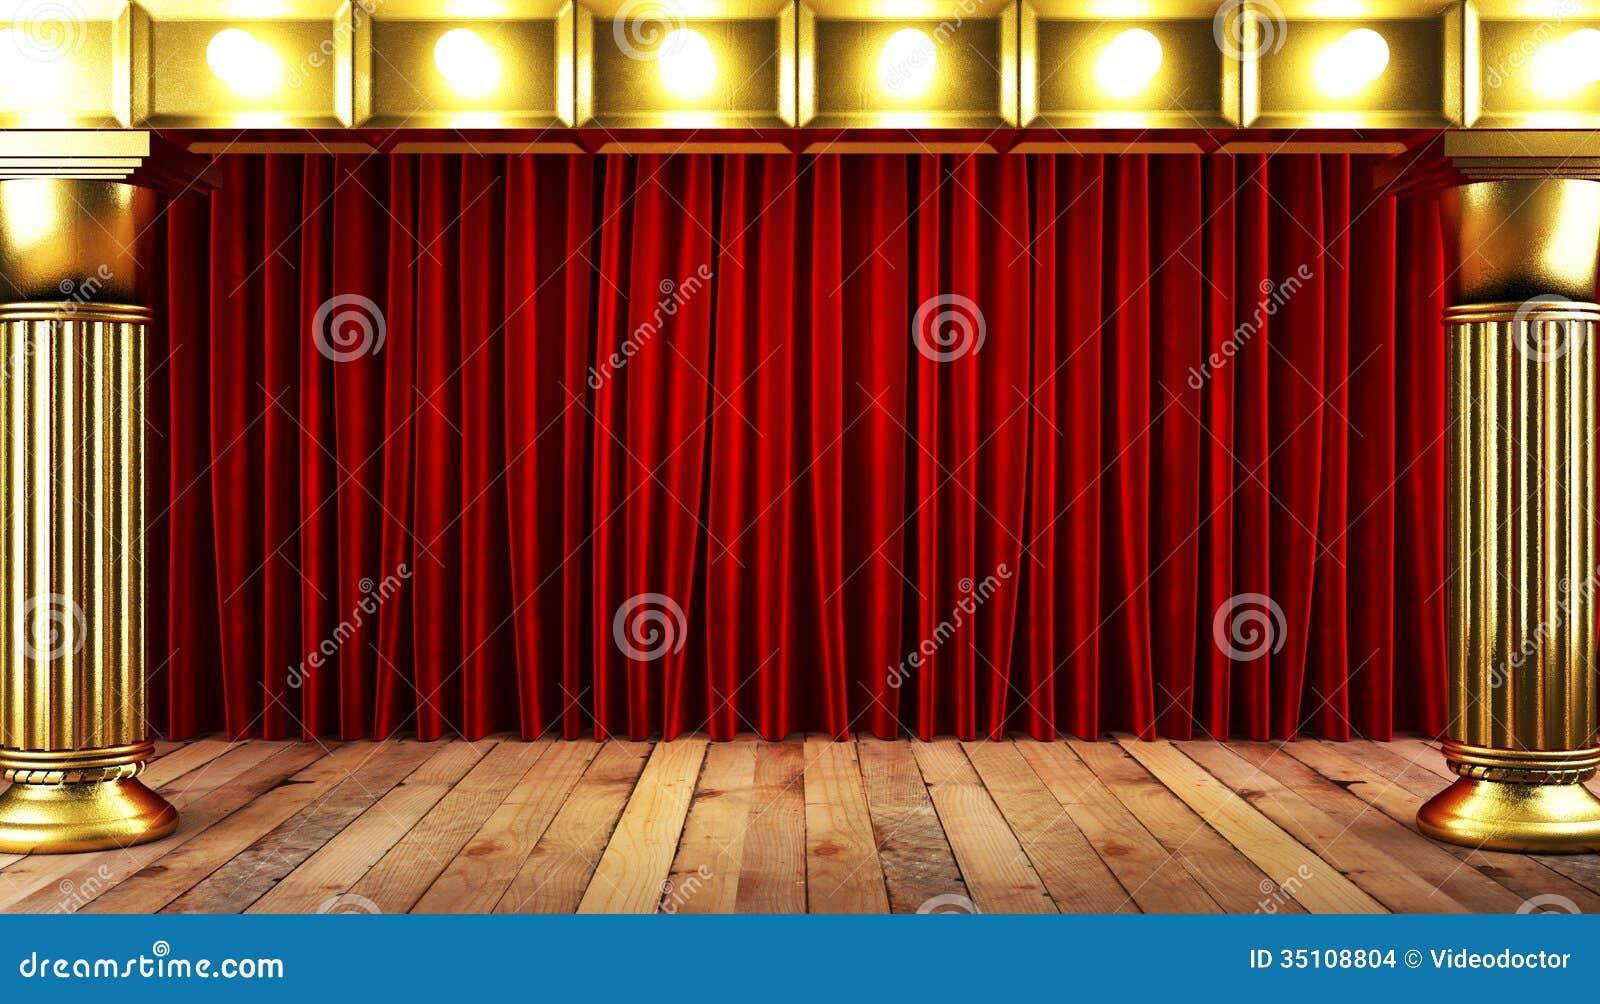 roter fabrick vorhang mit gold stockbilder bild 35108804. Black Bedroom Furniture Sets. Home Design Ideas